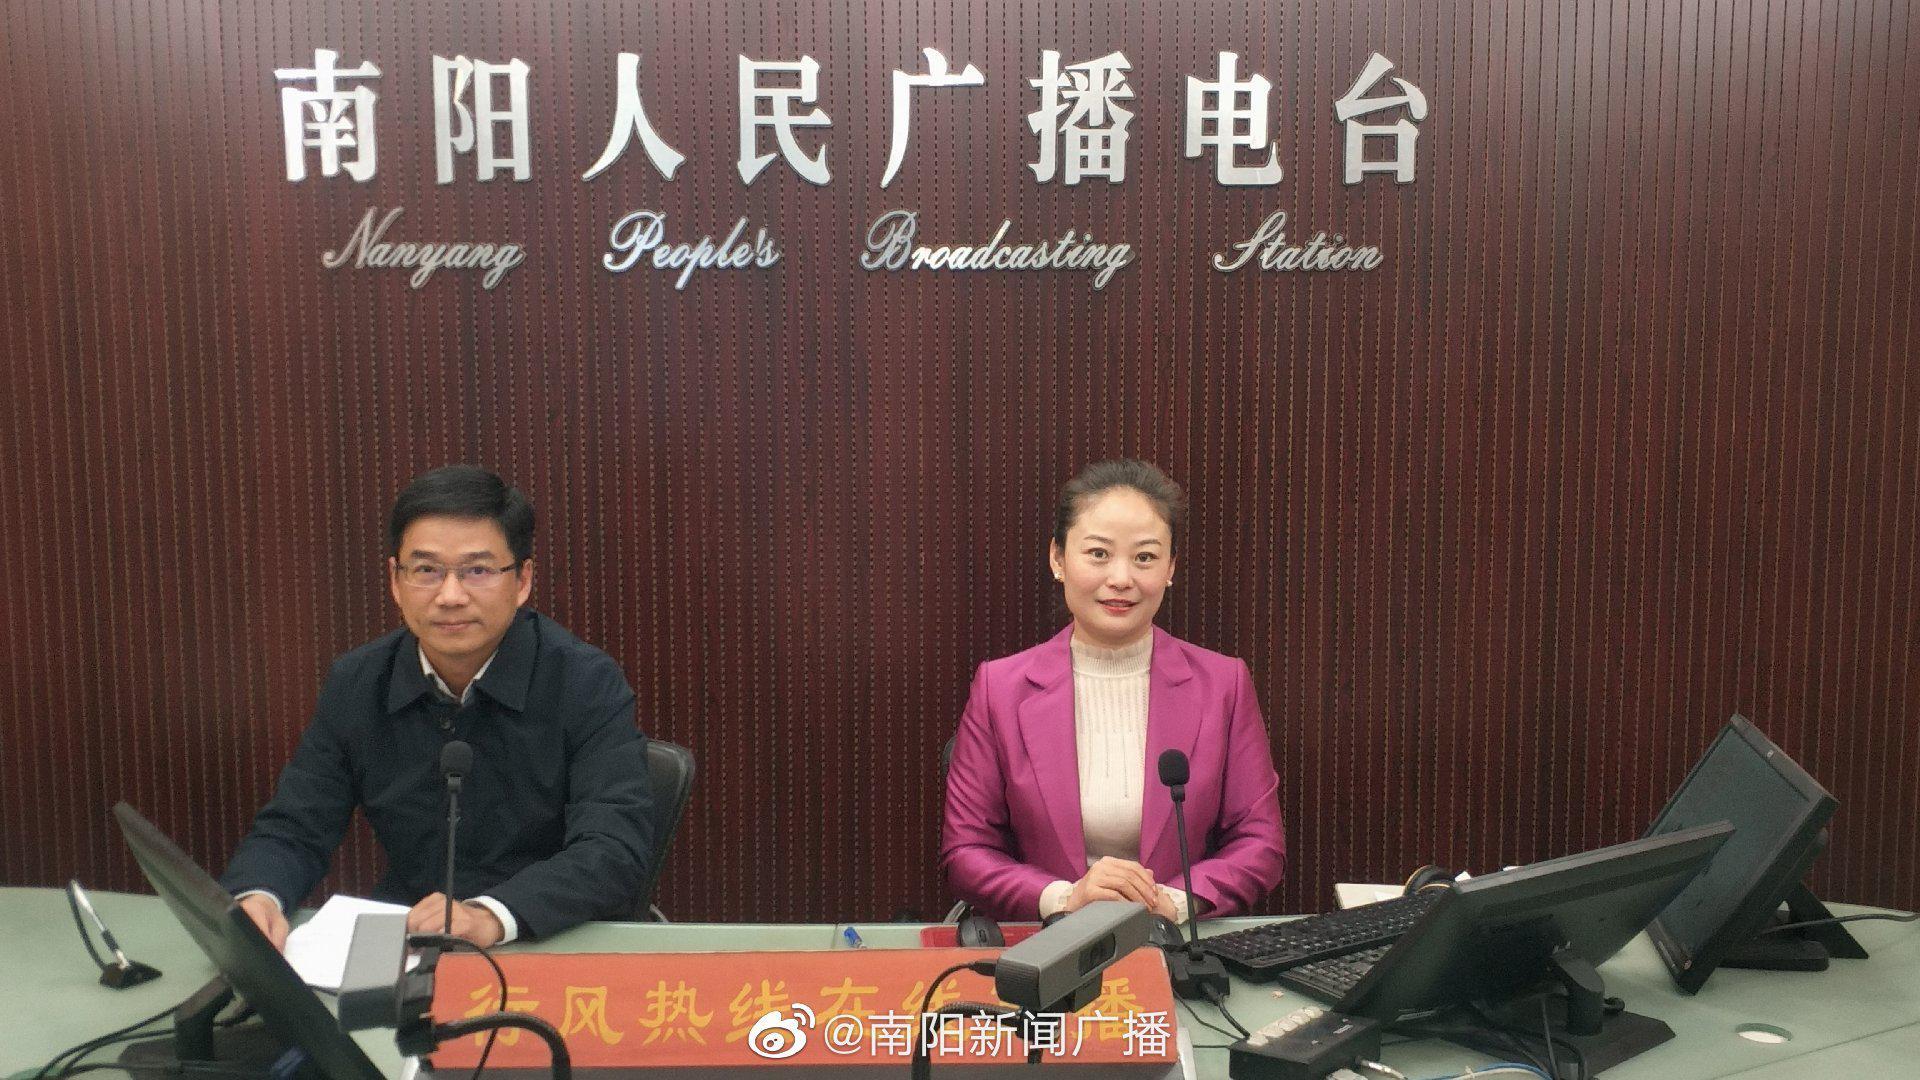 3月2日,南阳市林业局副局长袁浩带队值班行风热线与听众沟通交流……